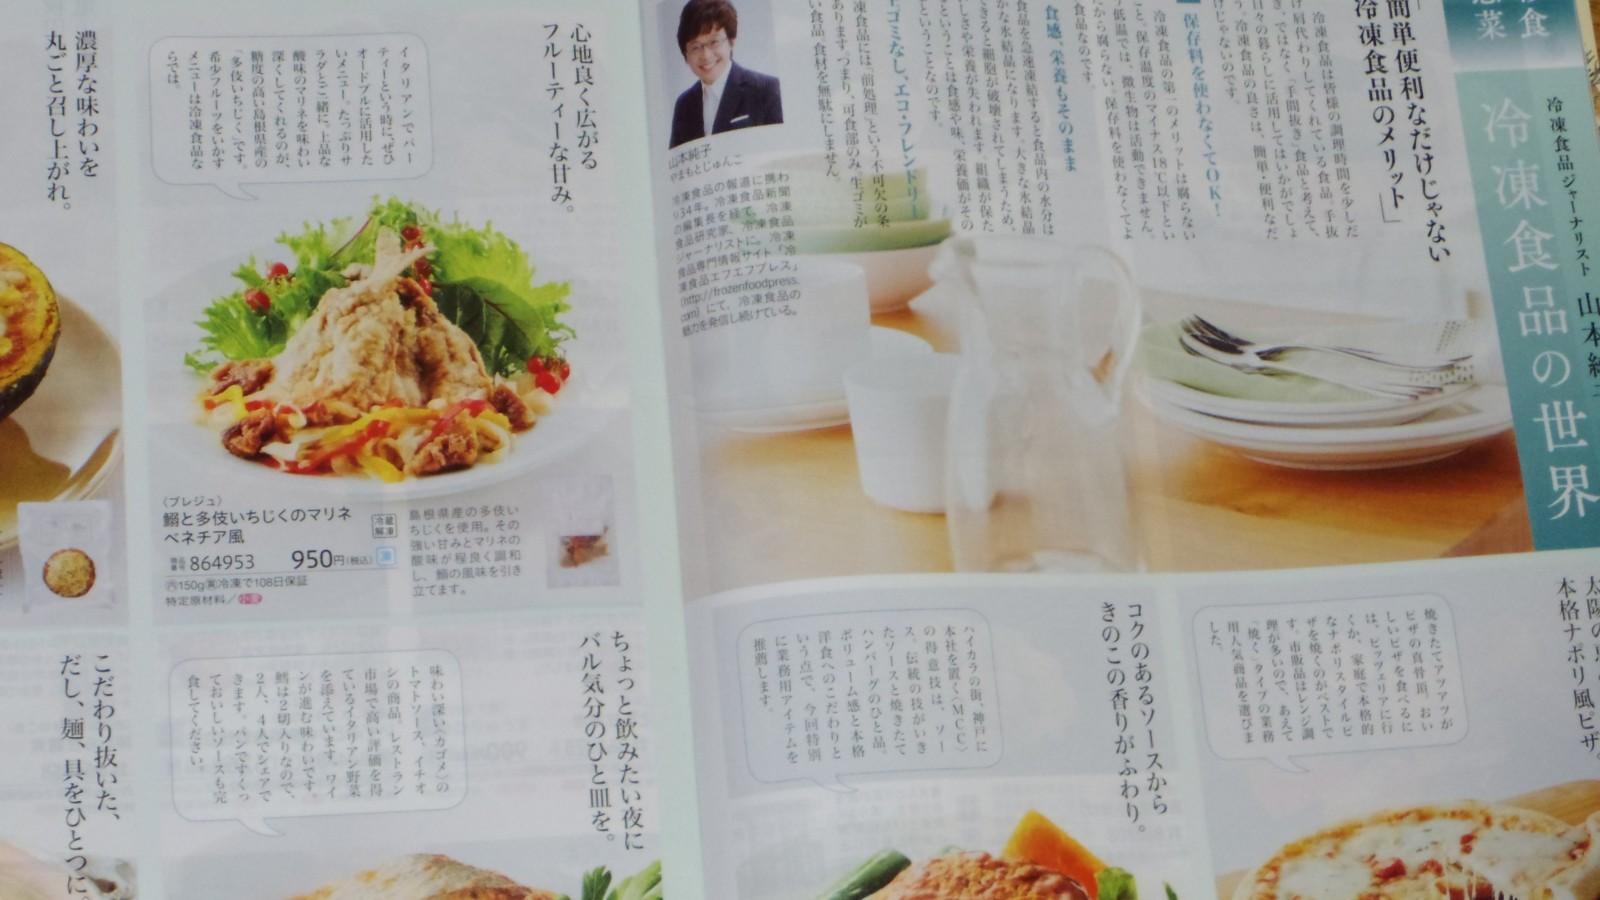 高島屋の食料品宅配「ローズキッチン」11月号に『冷凍食品の世界』寄稿しました。これはぜひ!という商品もご提案